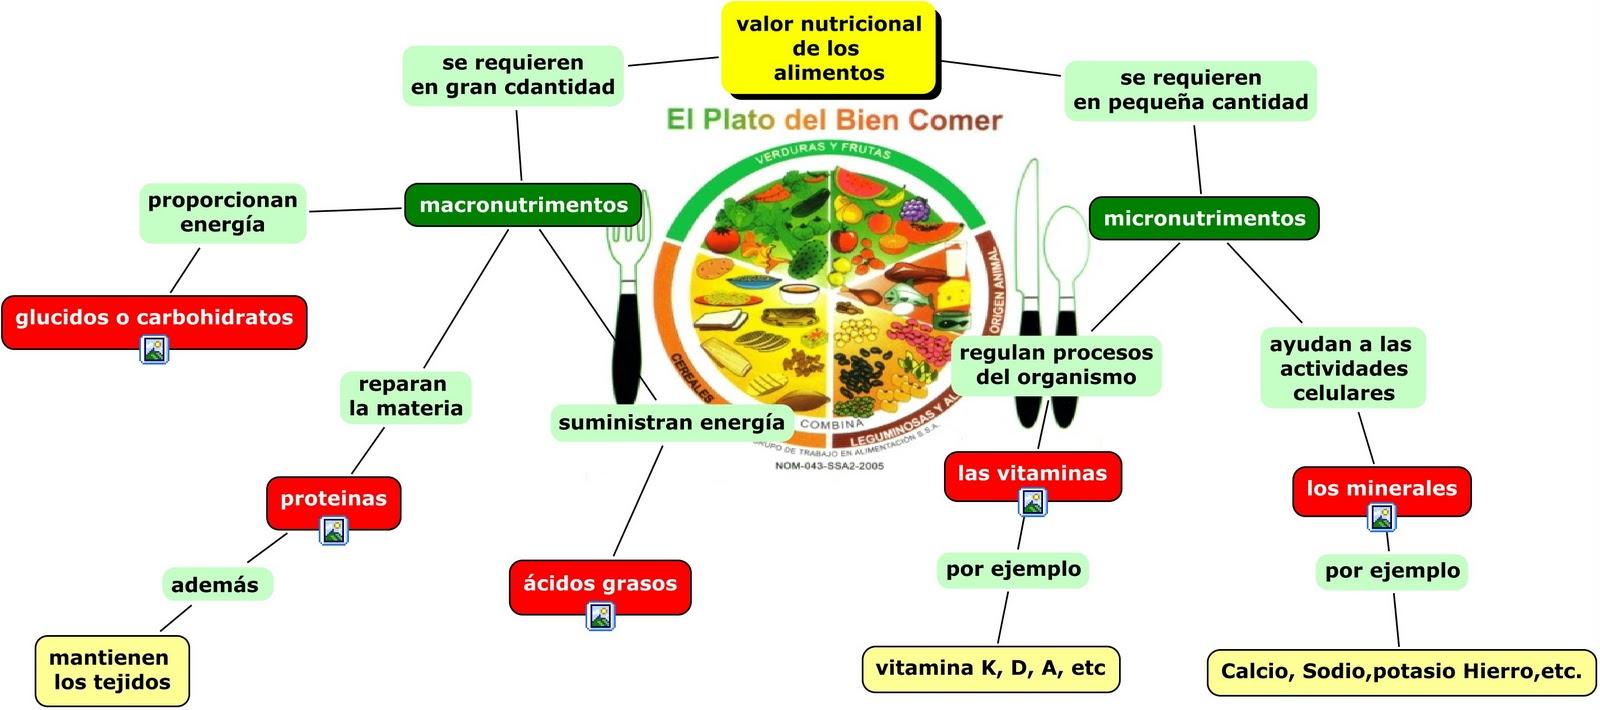 Magazine 57 material de trabajo para ciencias i diciembre - Contenido nutricional de los alimentos ...